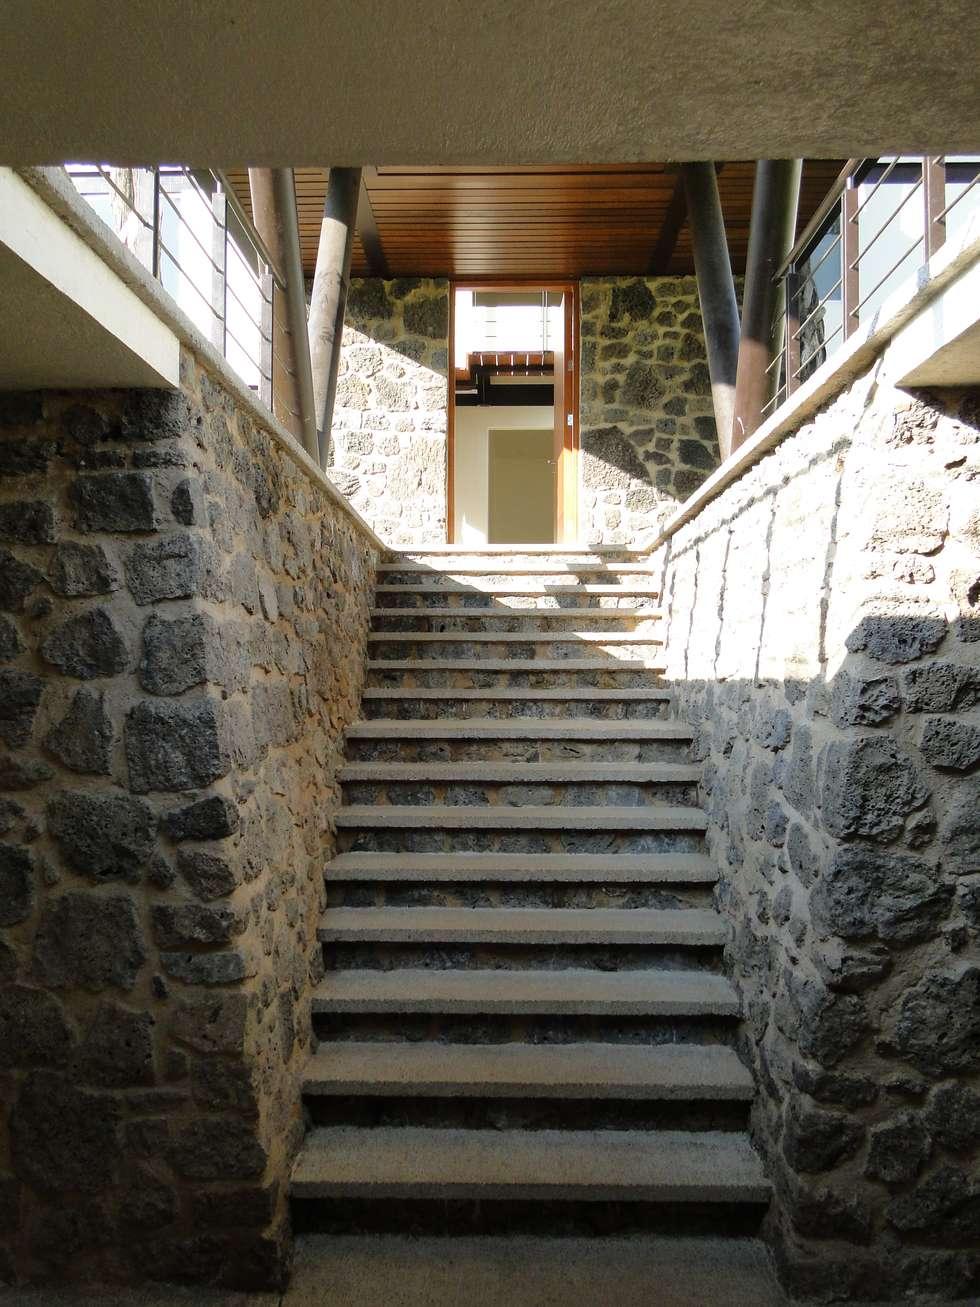 Casa habitacion Entre dos arboles en Cuernavaca: Casas de estilo minimalista por rochen